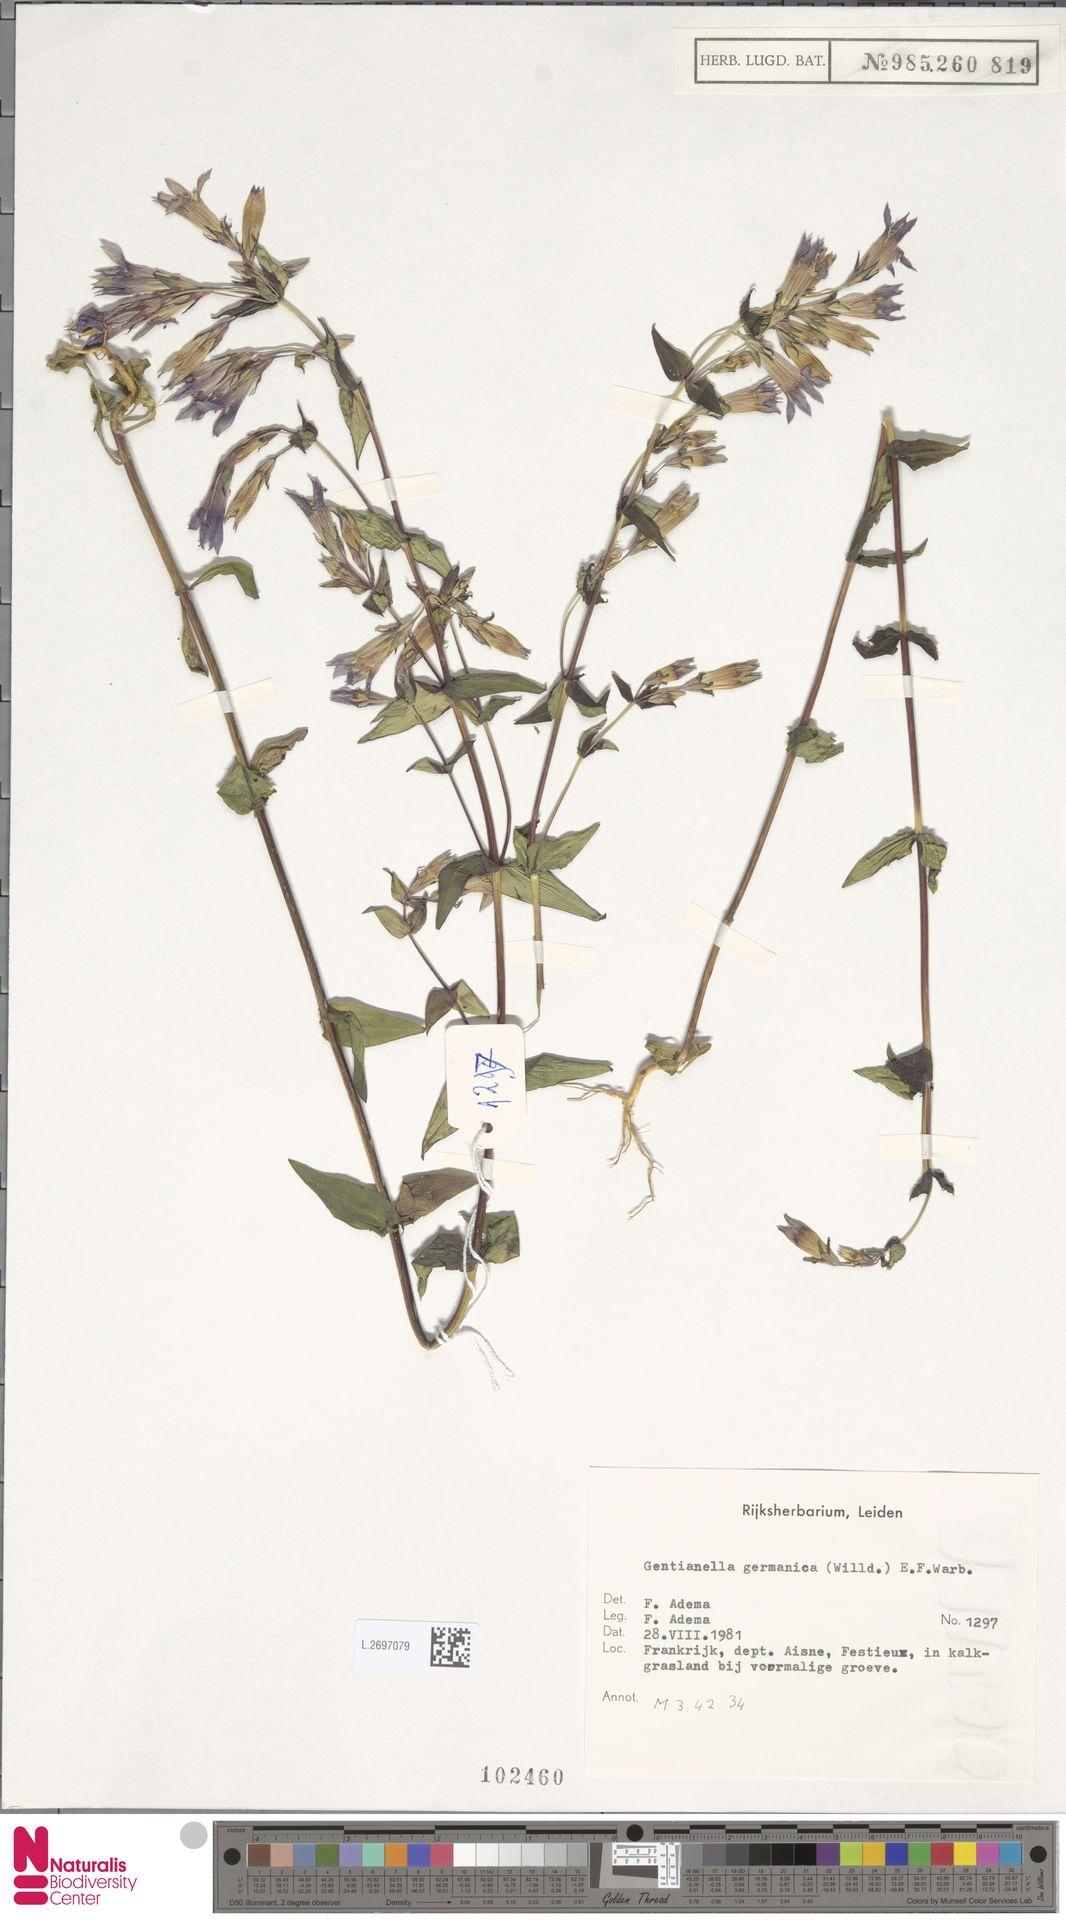 L.2697079 | Gentianella germanica (Willd.) E.F.Warb.